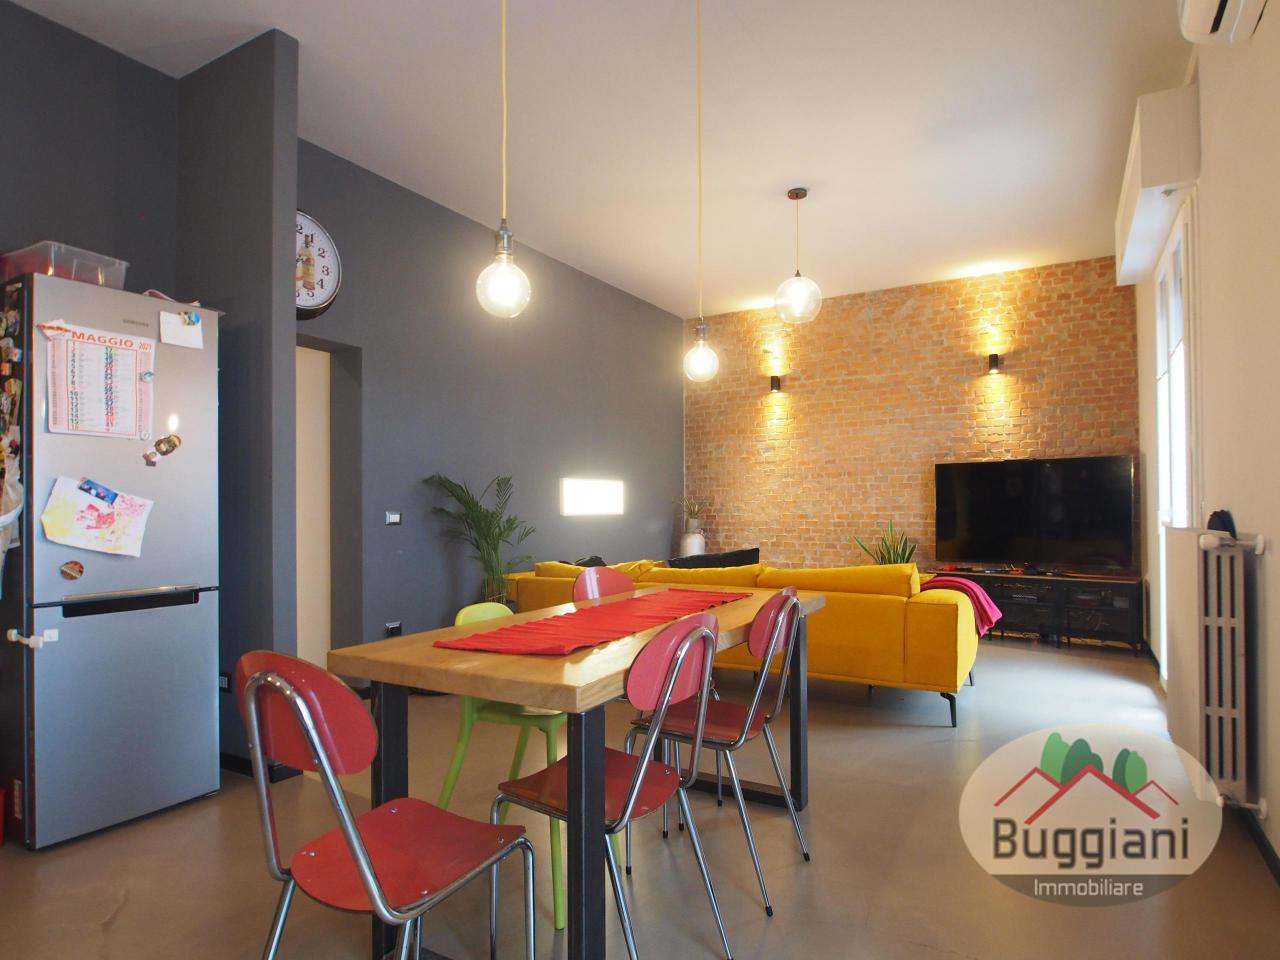 Appartamento in vendita RIF. 2413, San Miniato (PI)